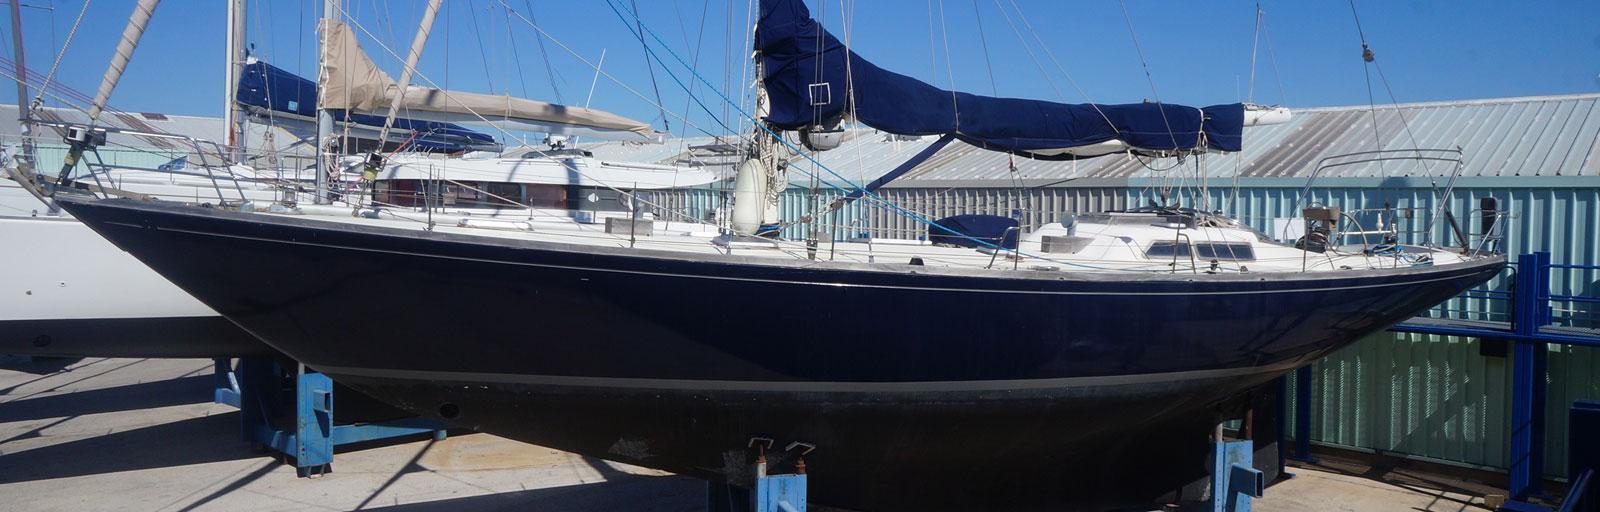 AYC Yachtbrokers - Islander 55